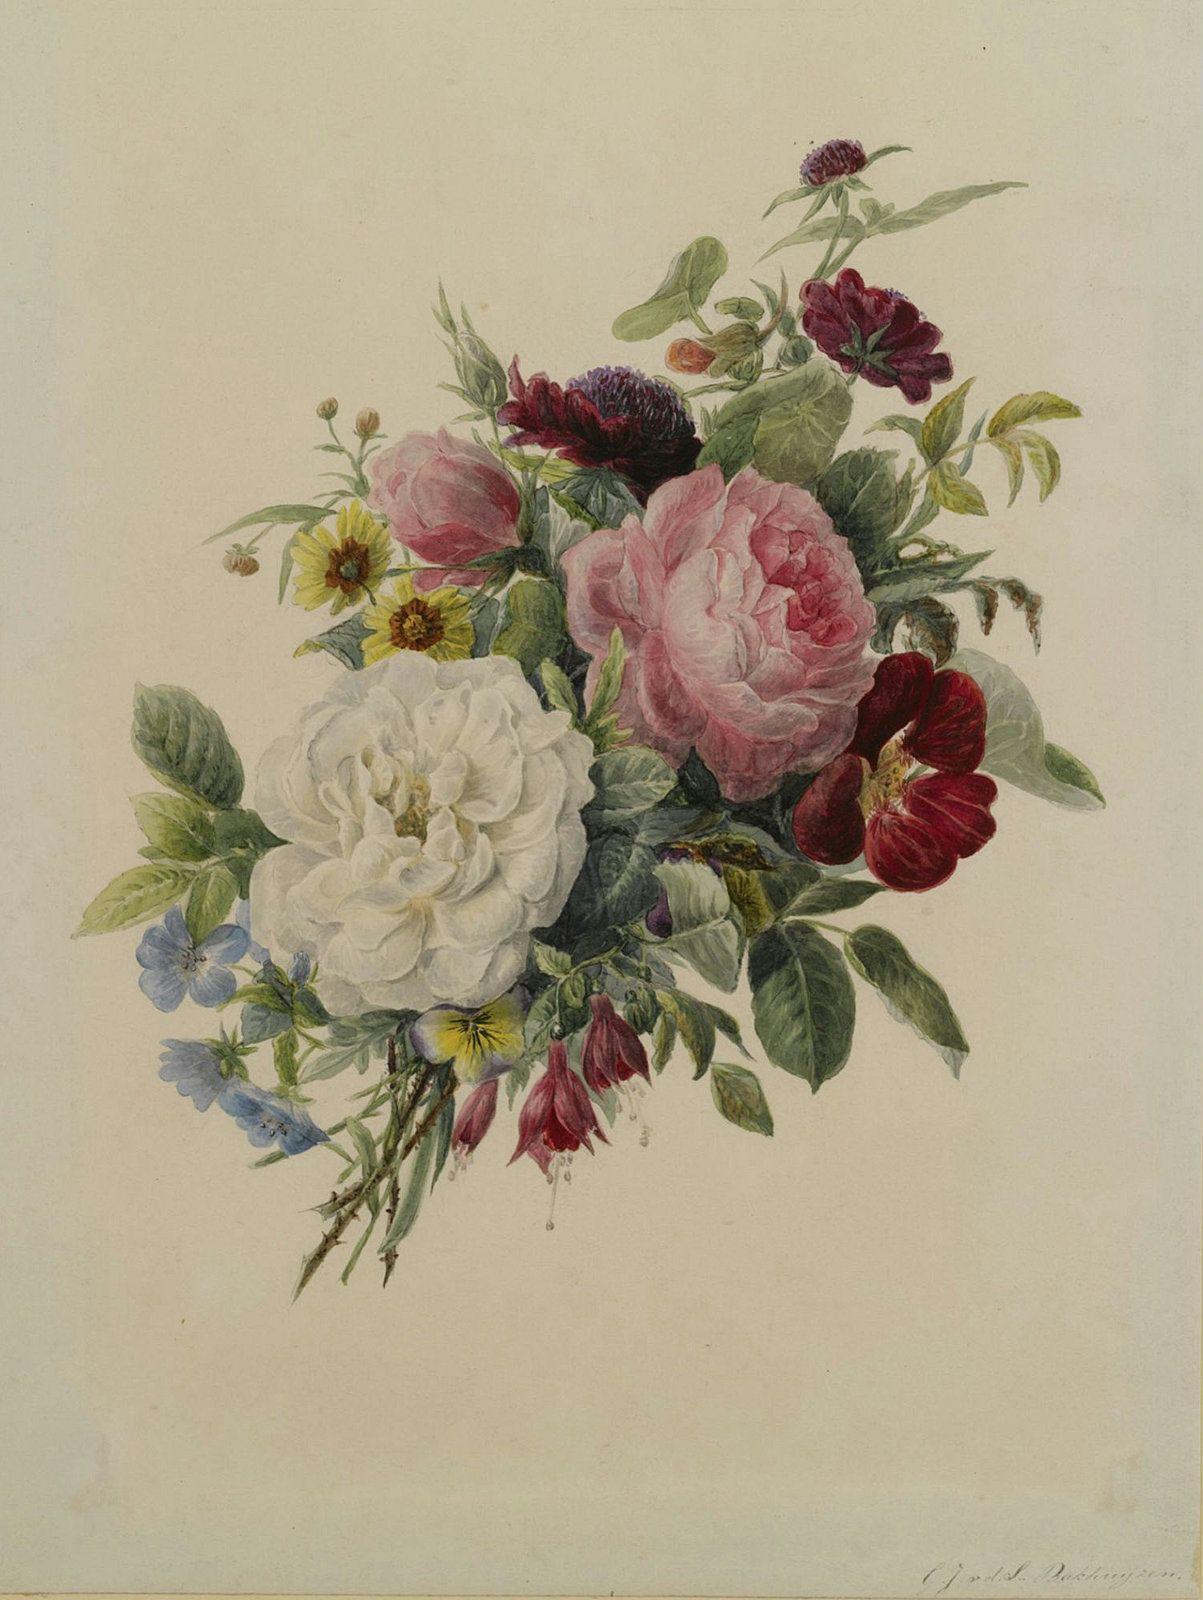 красивые картинки с цветами старинные других случаях